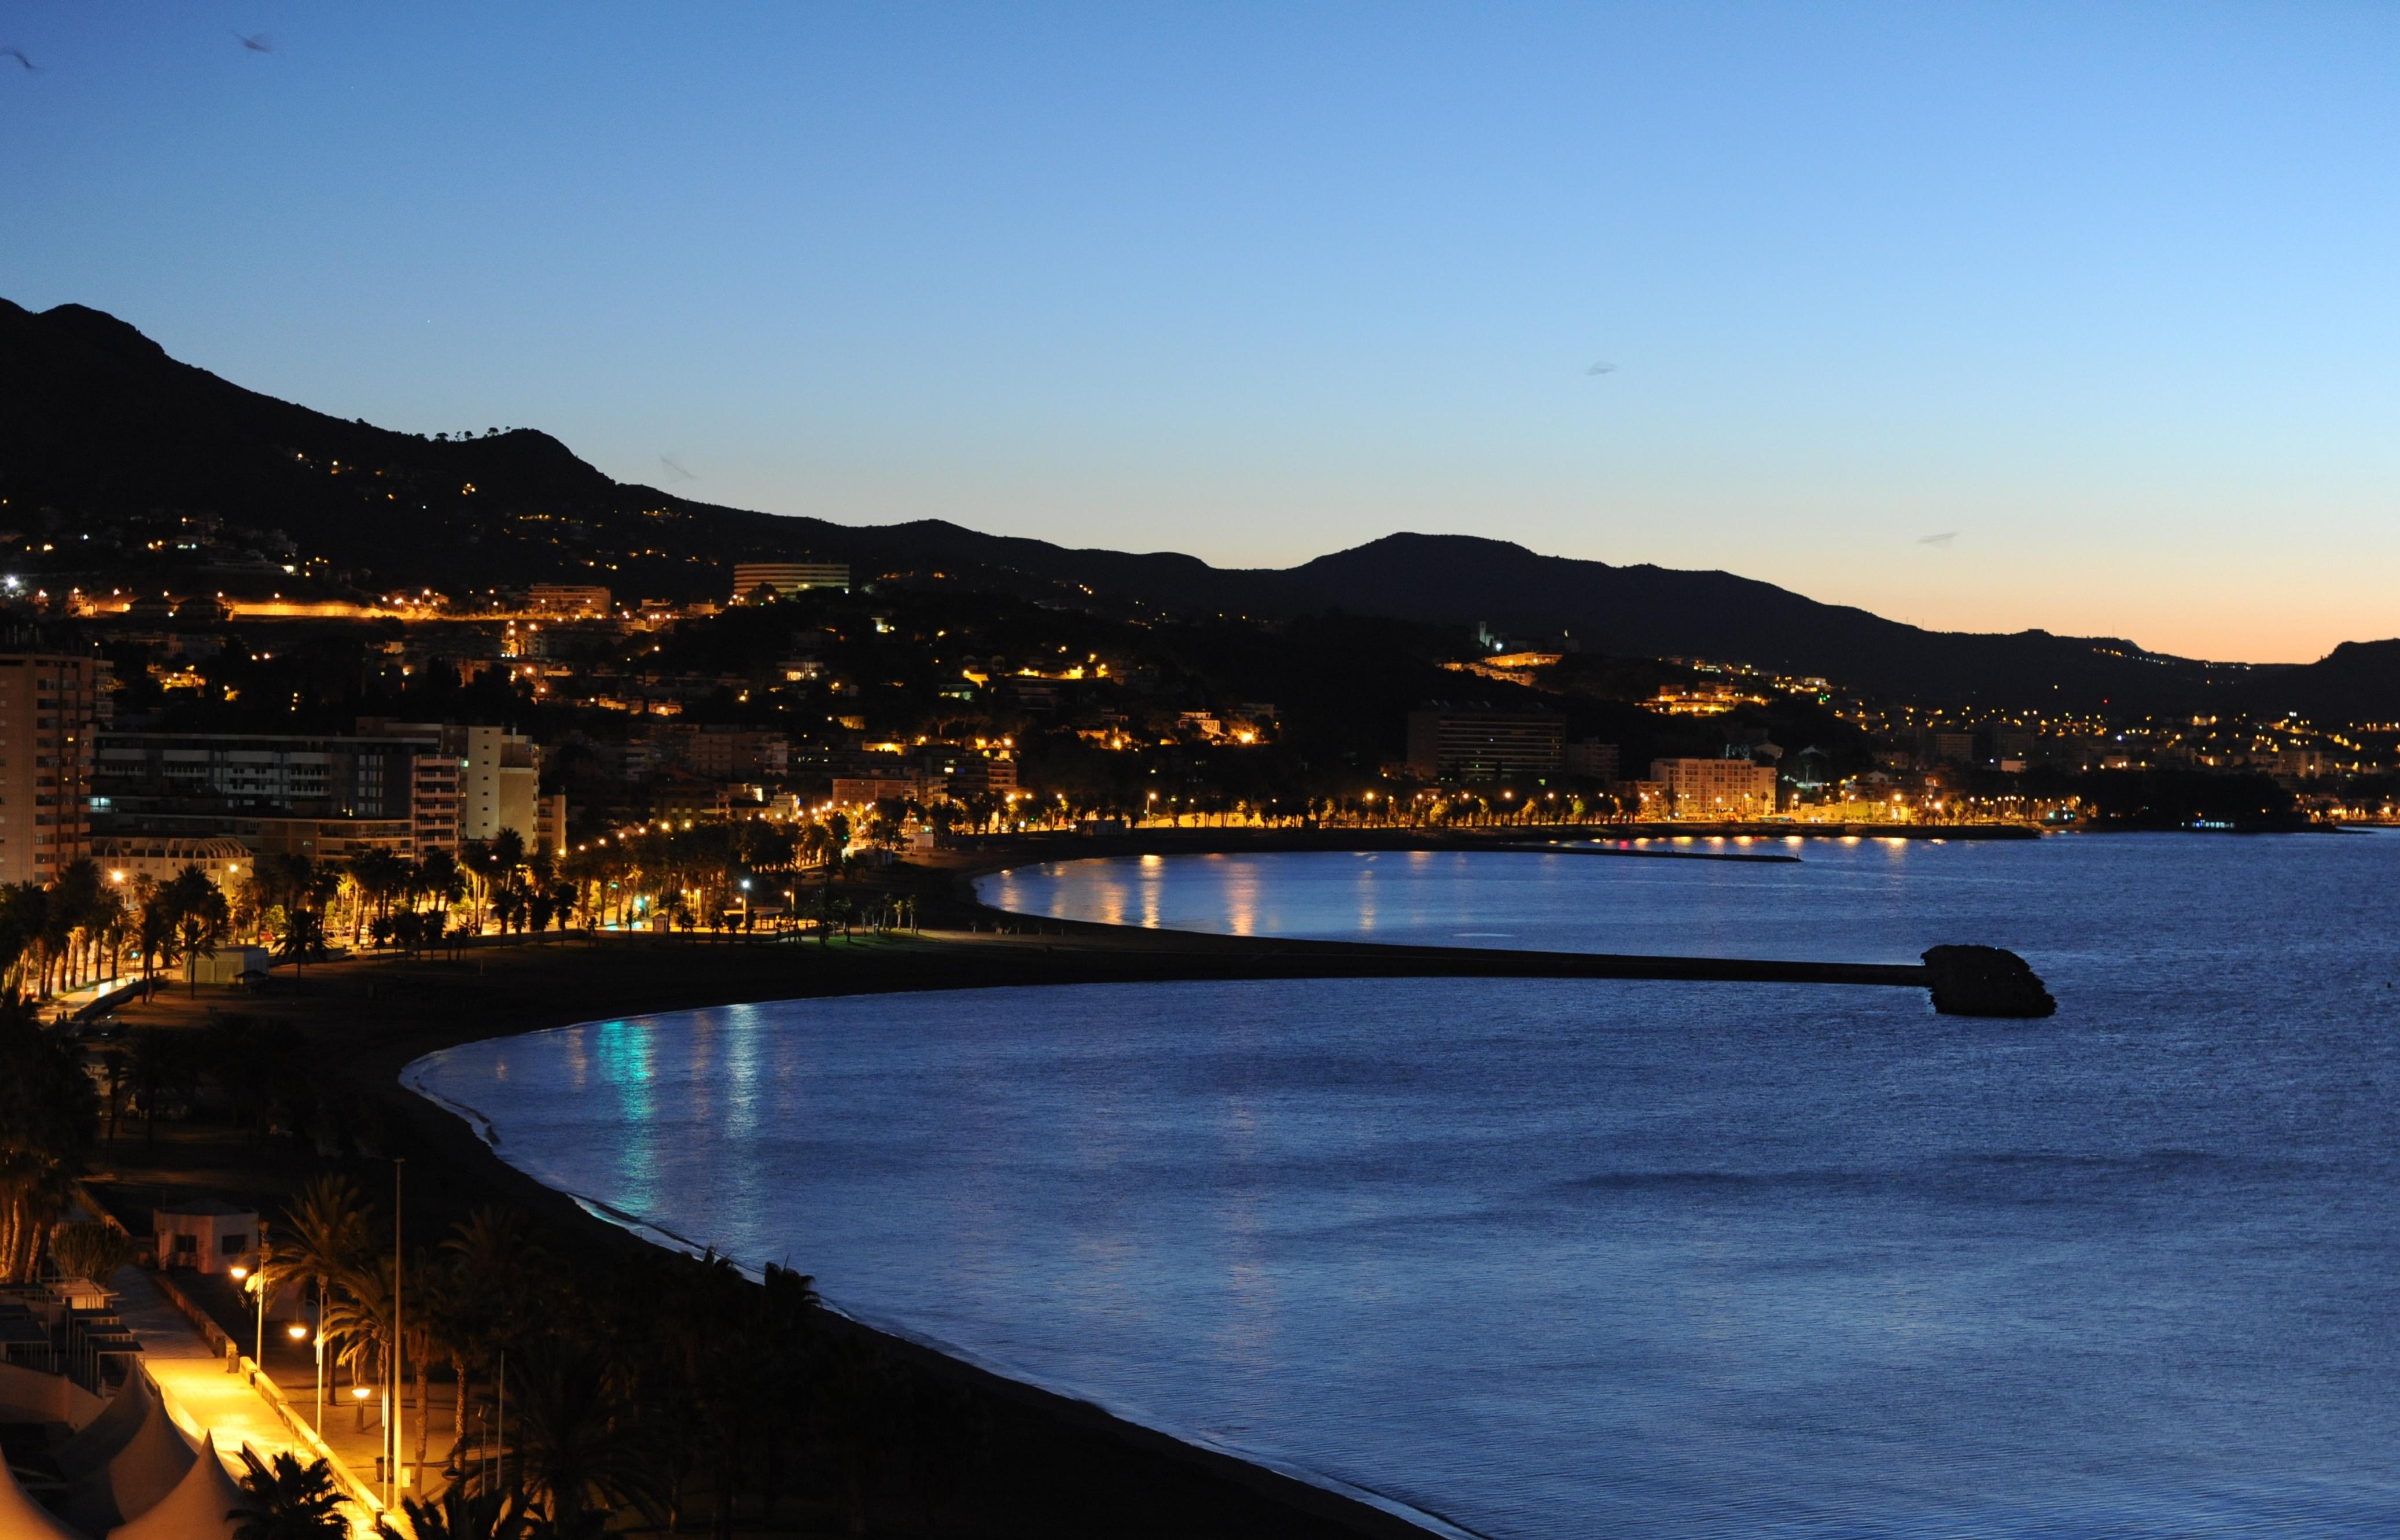 Mlaga Mlaga Spain Sunrise Sunset Times